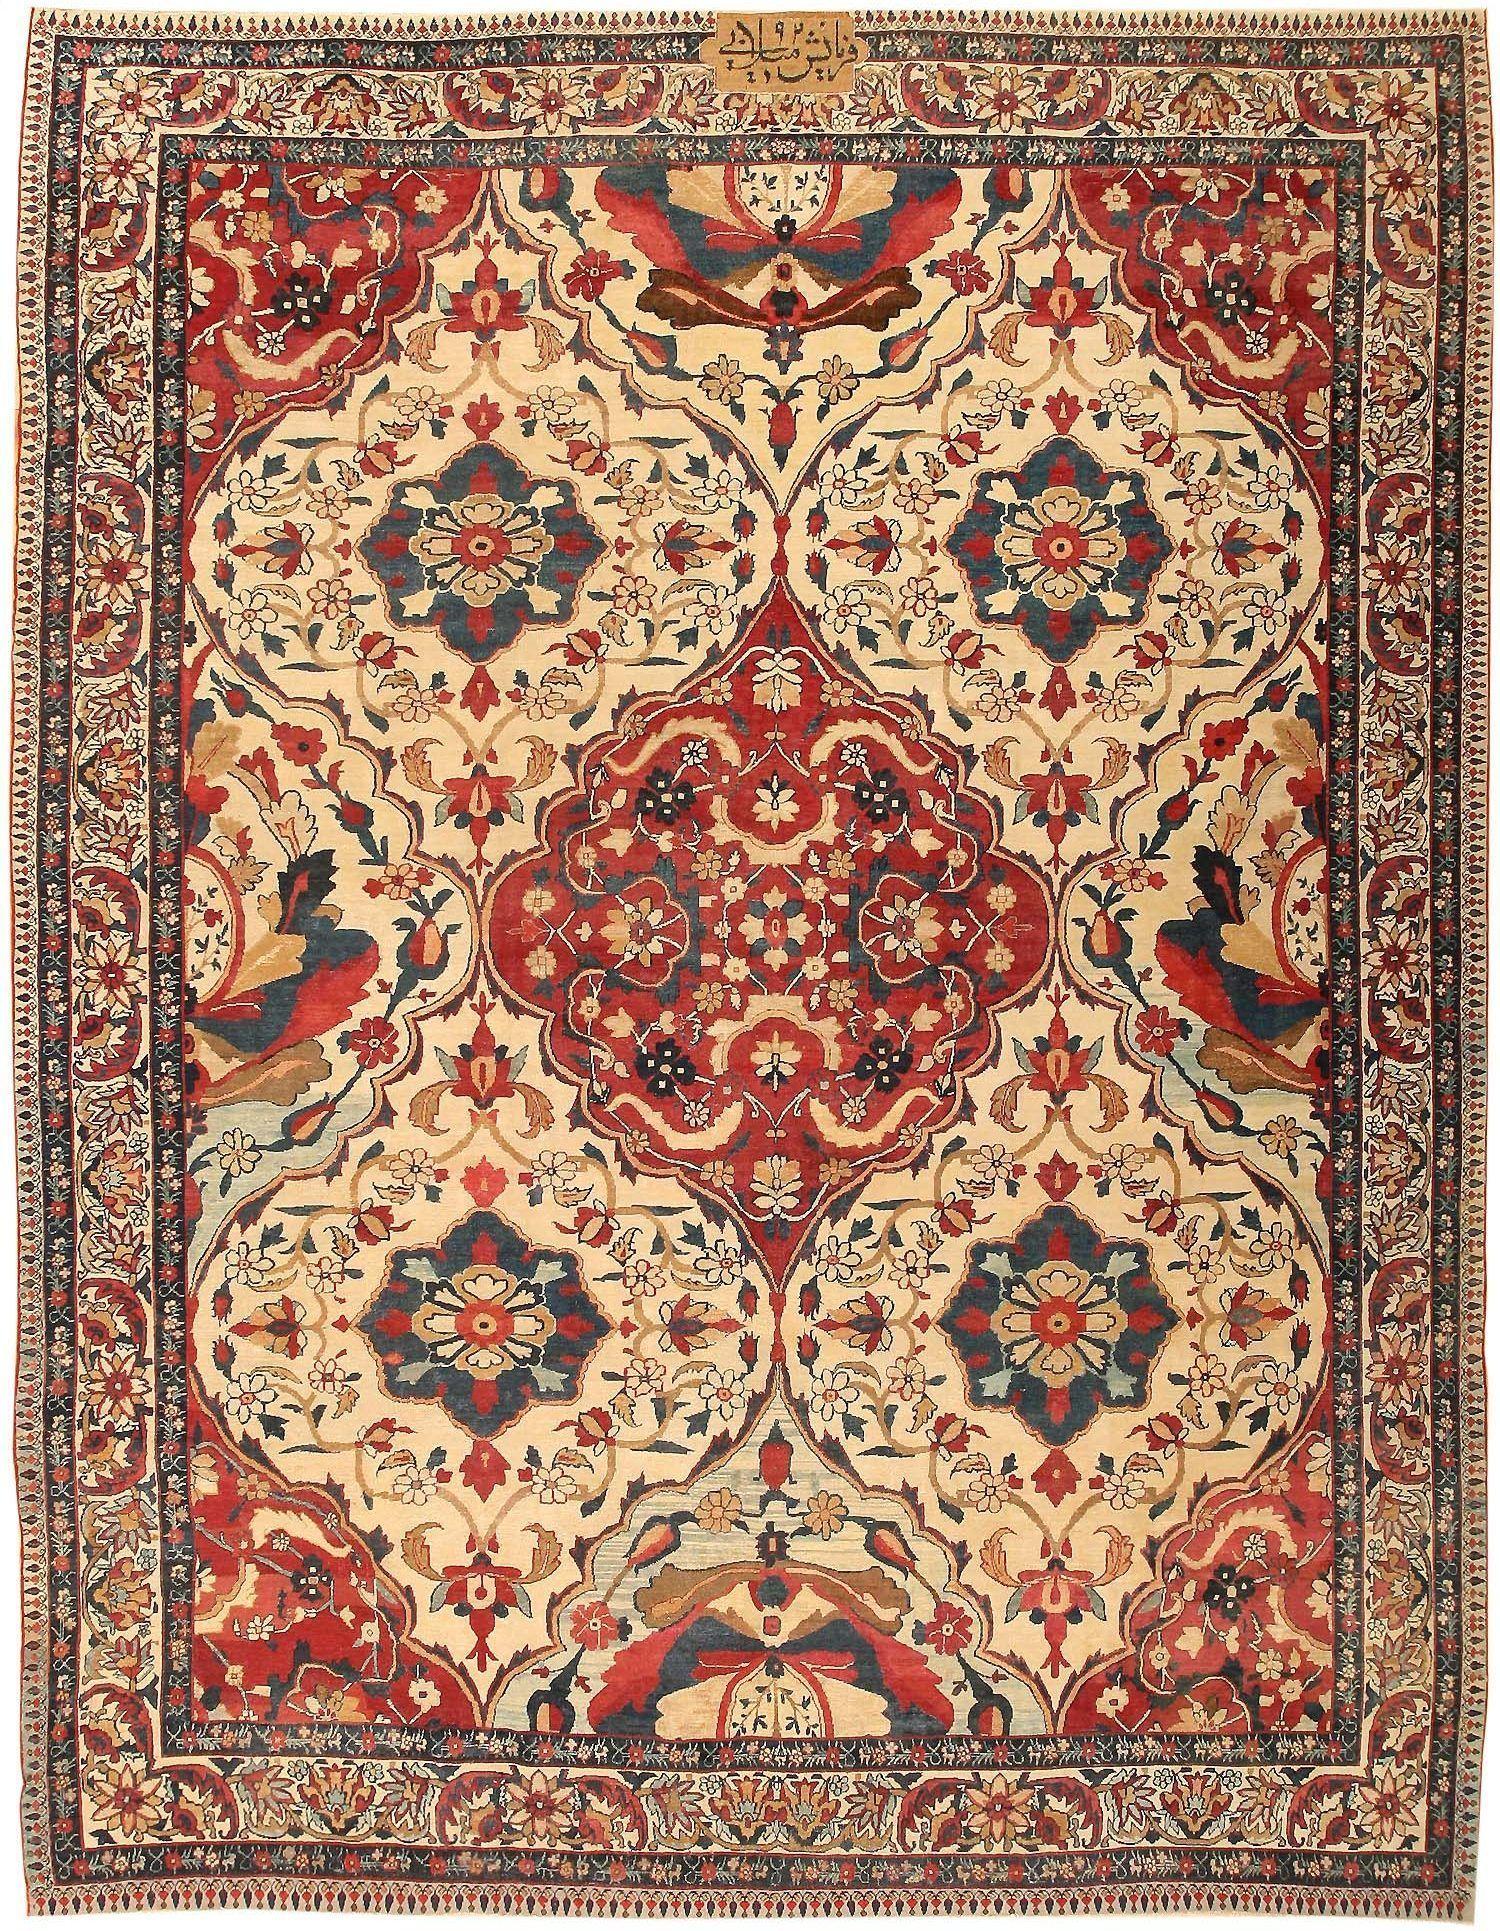 Antique Persian Kerman Rug 1817 Carpet Kilim